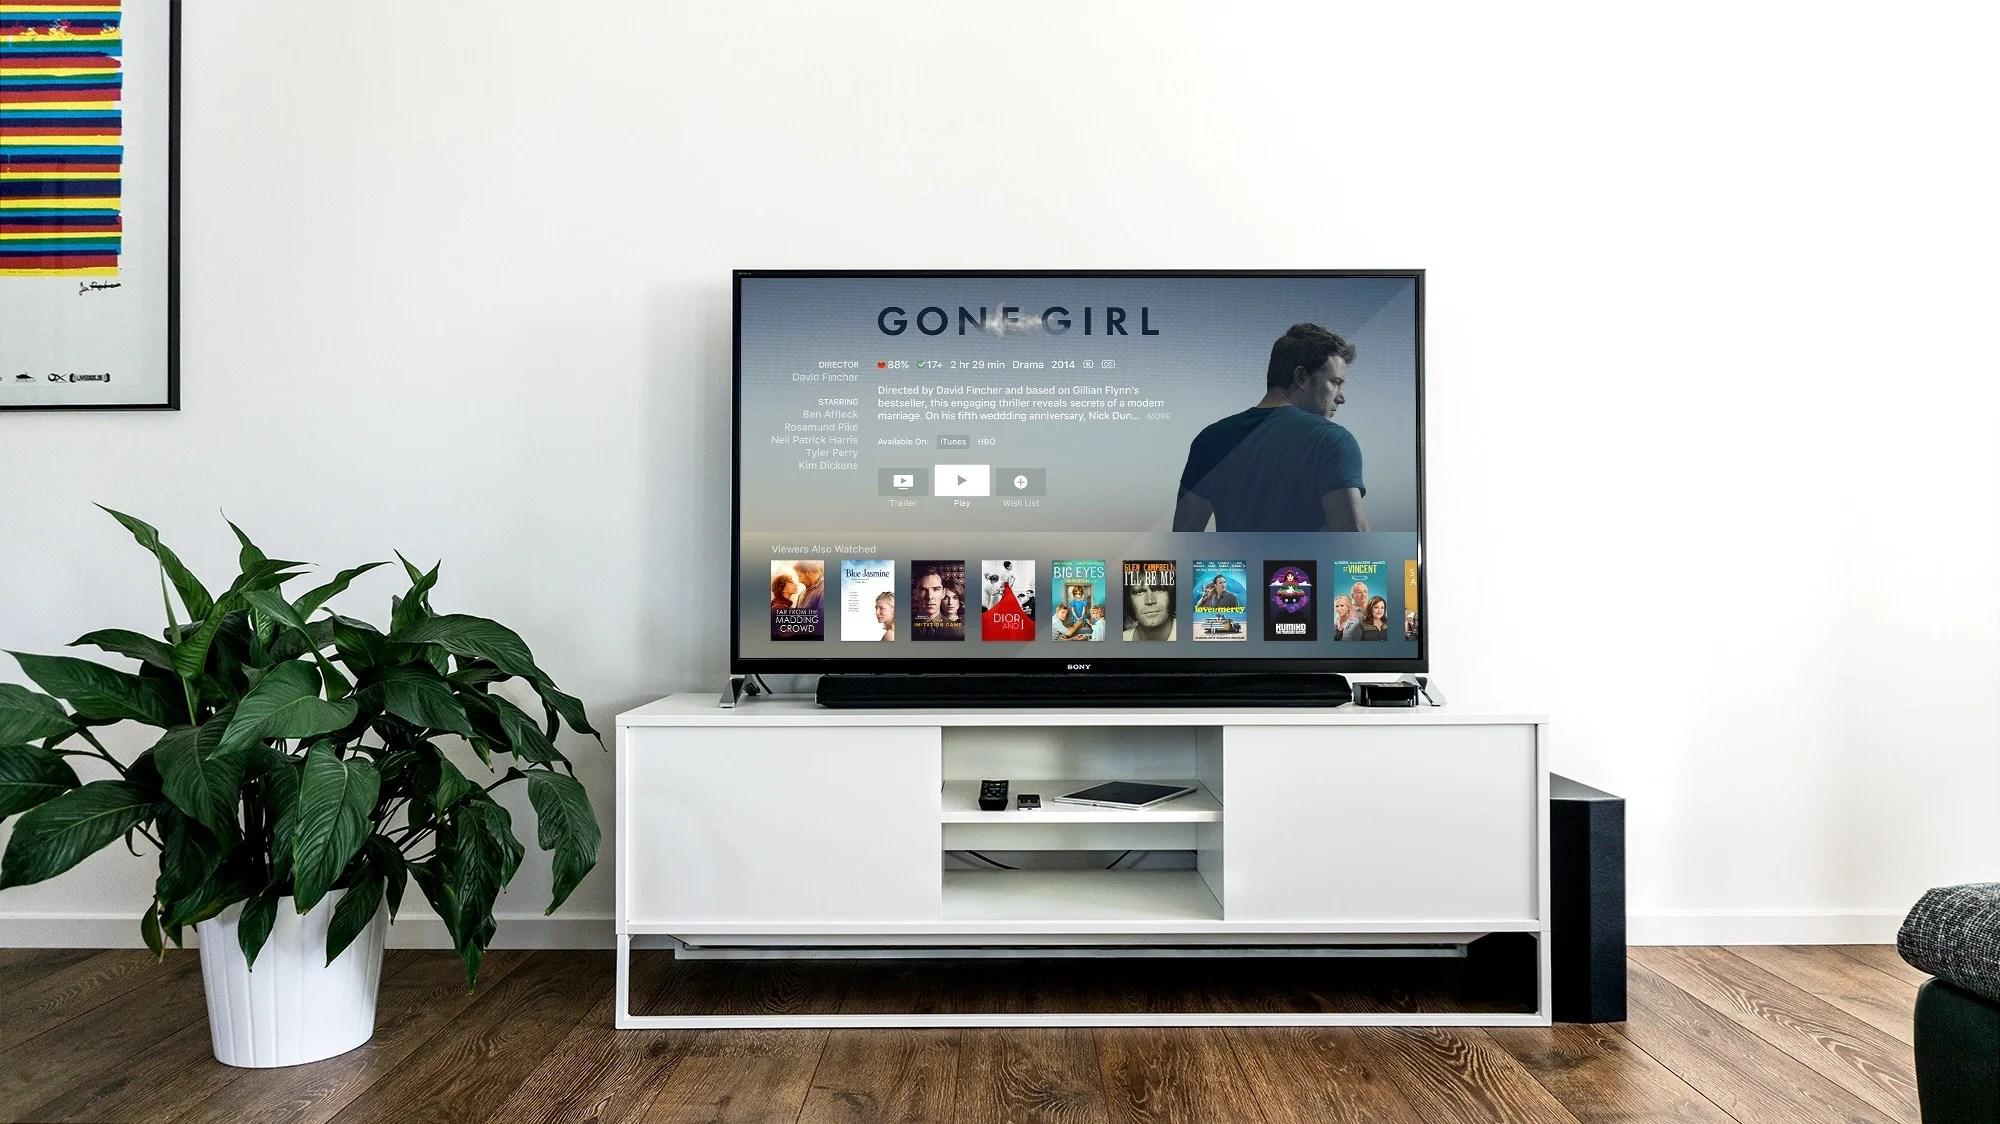 Voici comment Netflix recommande de configurer votre TV pour profiter de la meilleure qualité d'image